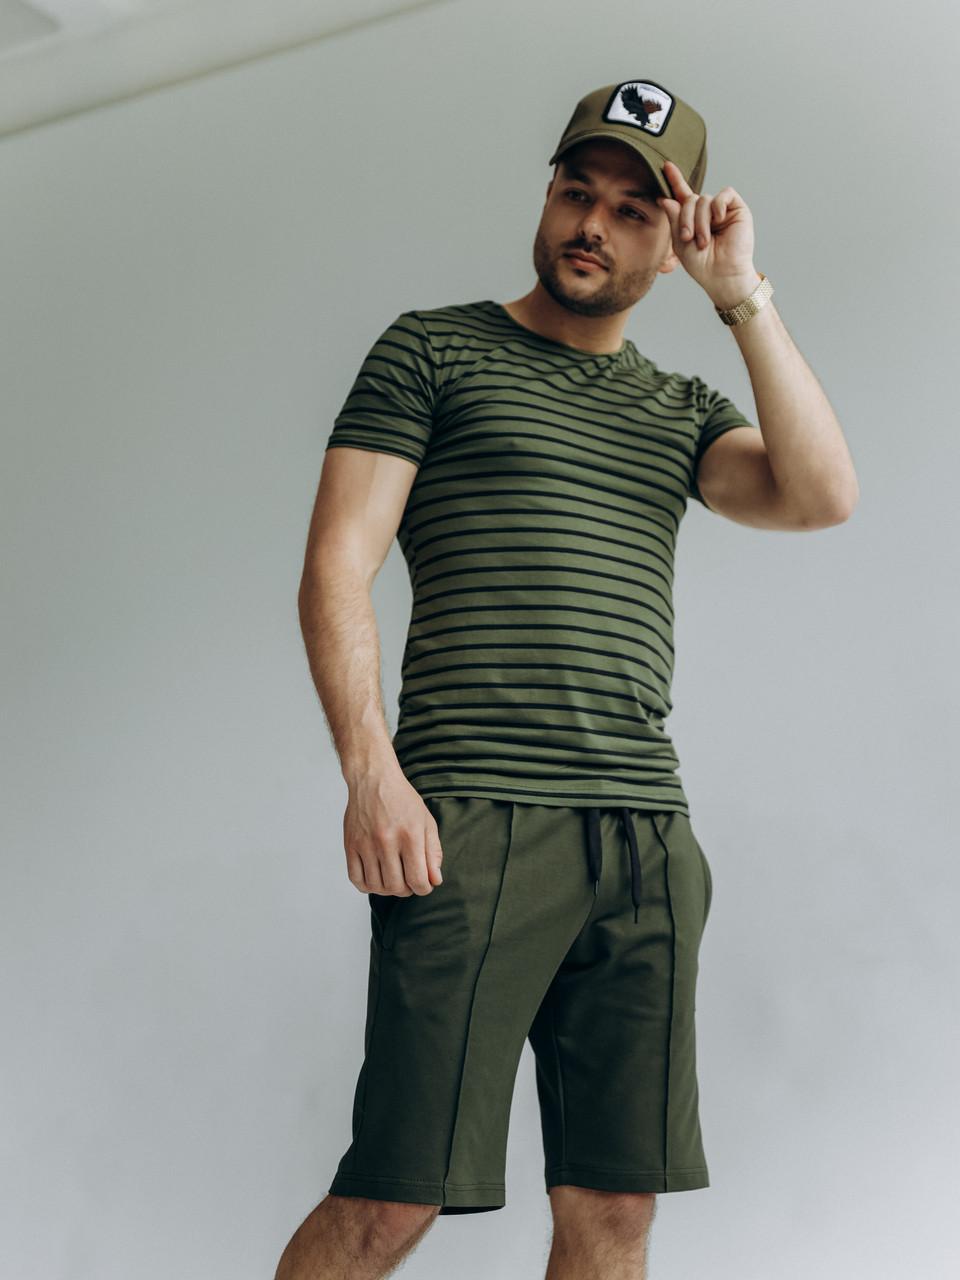 Комплект мужской летний стильный прогулочный в полоску шорты и футболка оливкового цвета